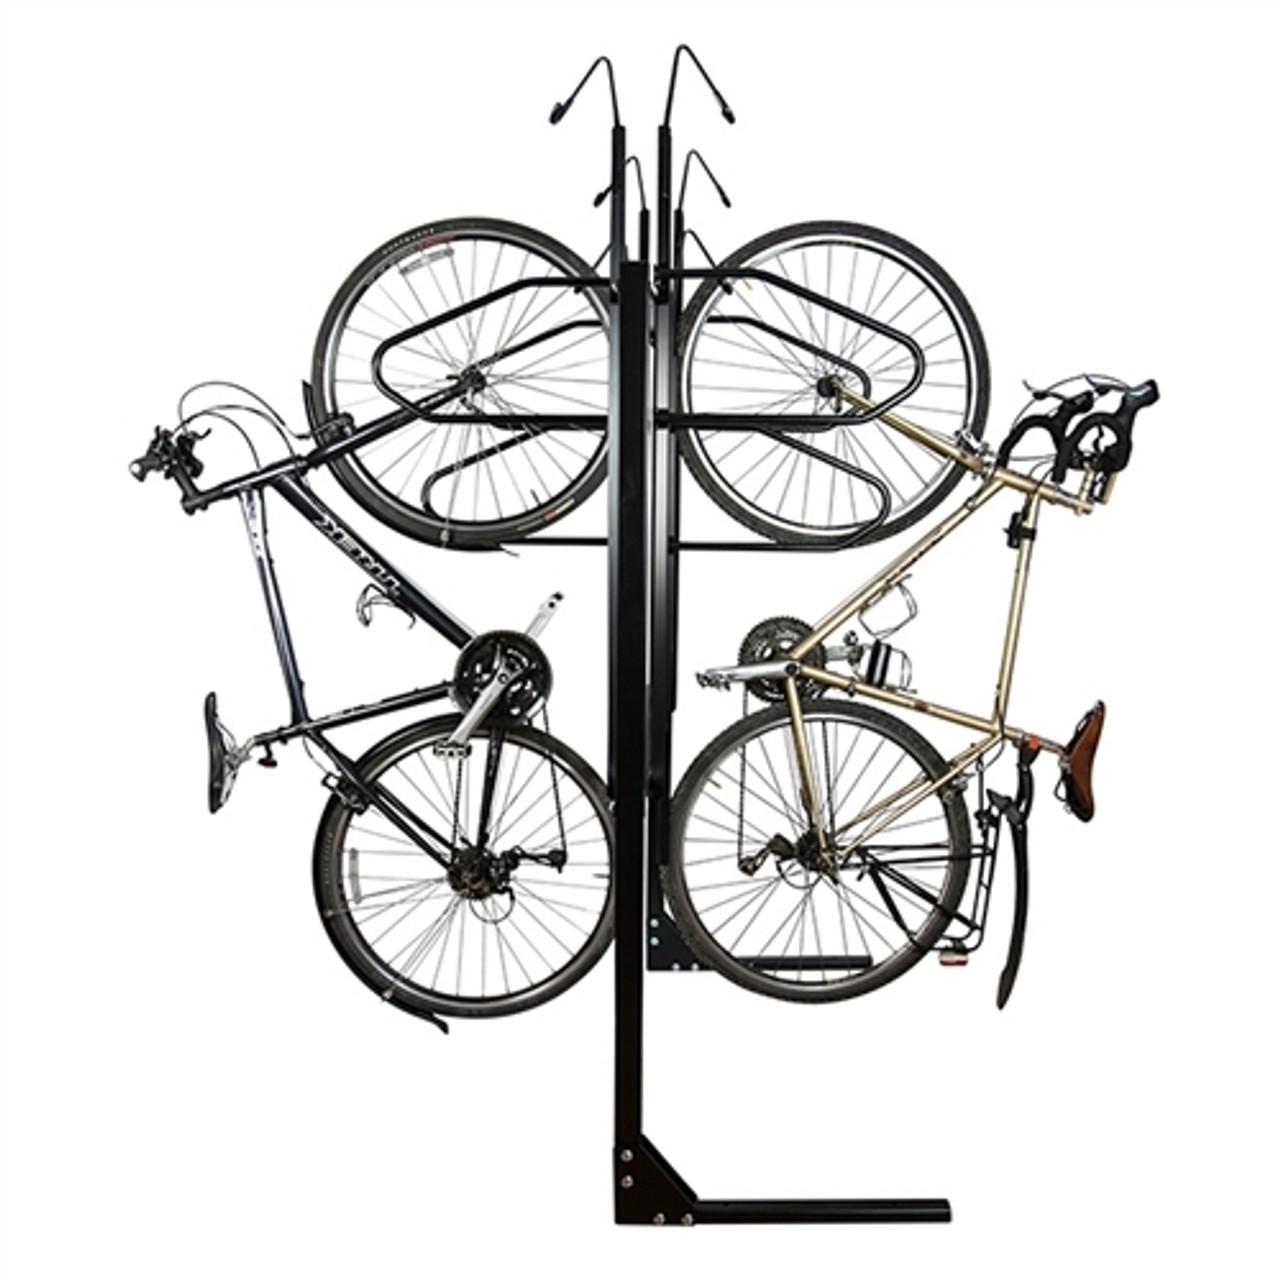 6 Bike double sided locking bike rack